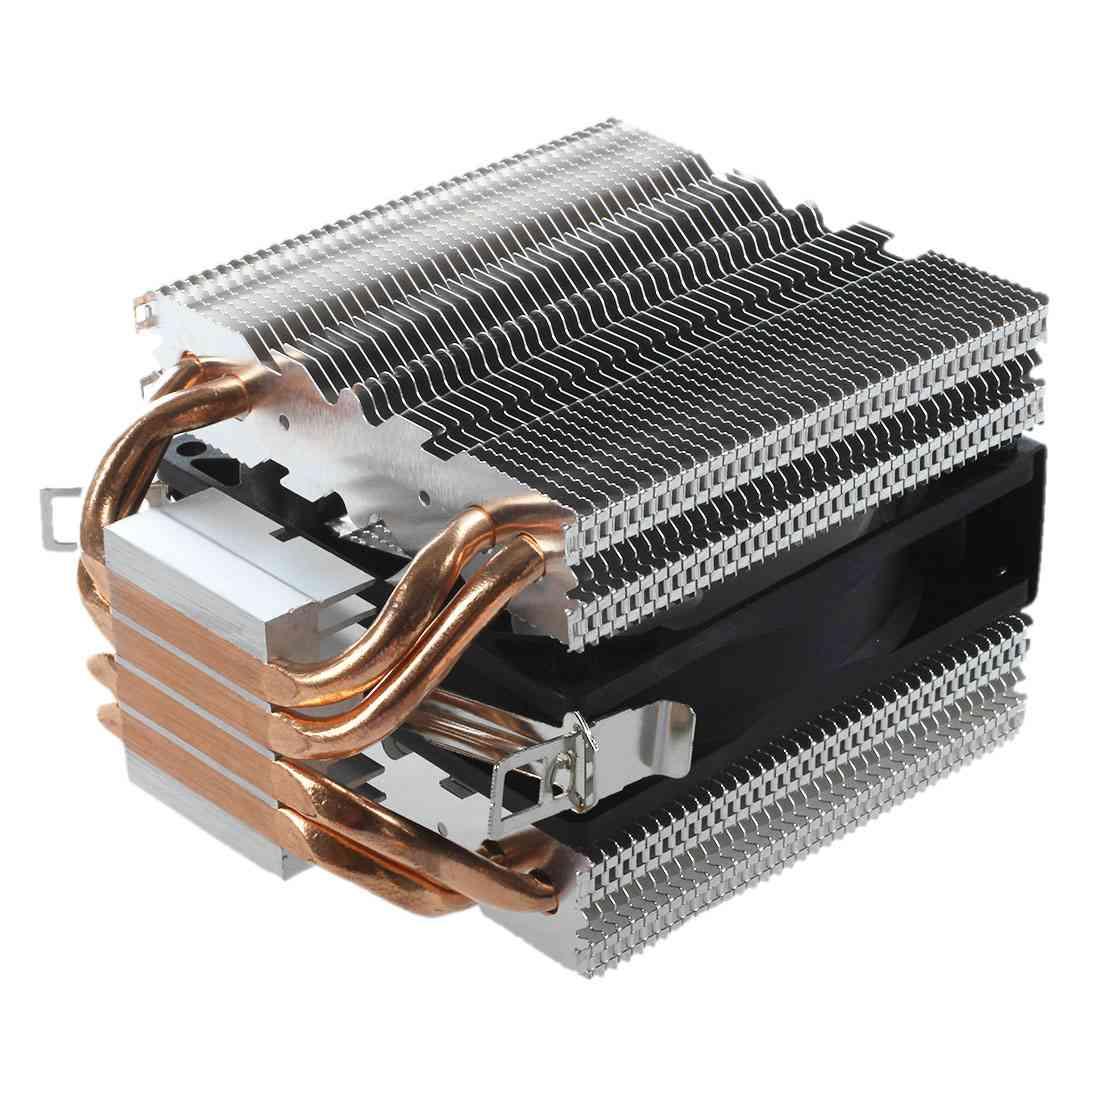 все цены на 4 Heatpipe CPU Cooler Heat Sink for Intel LGA 1150 1151 1155 775 1156 New онлайн